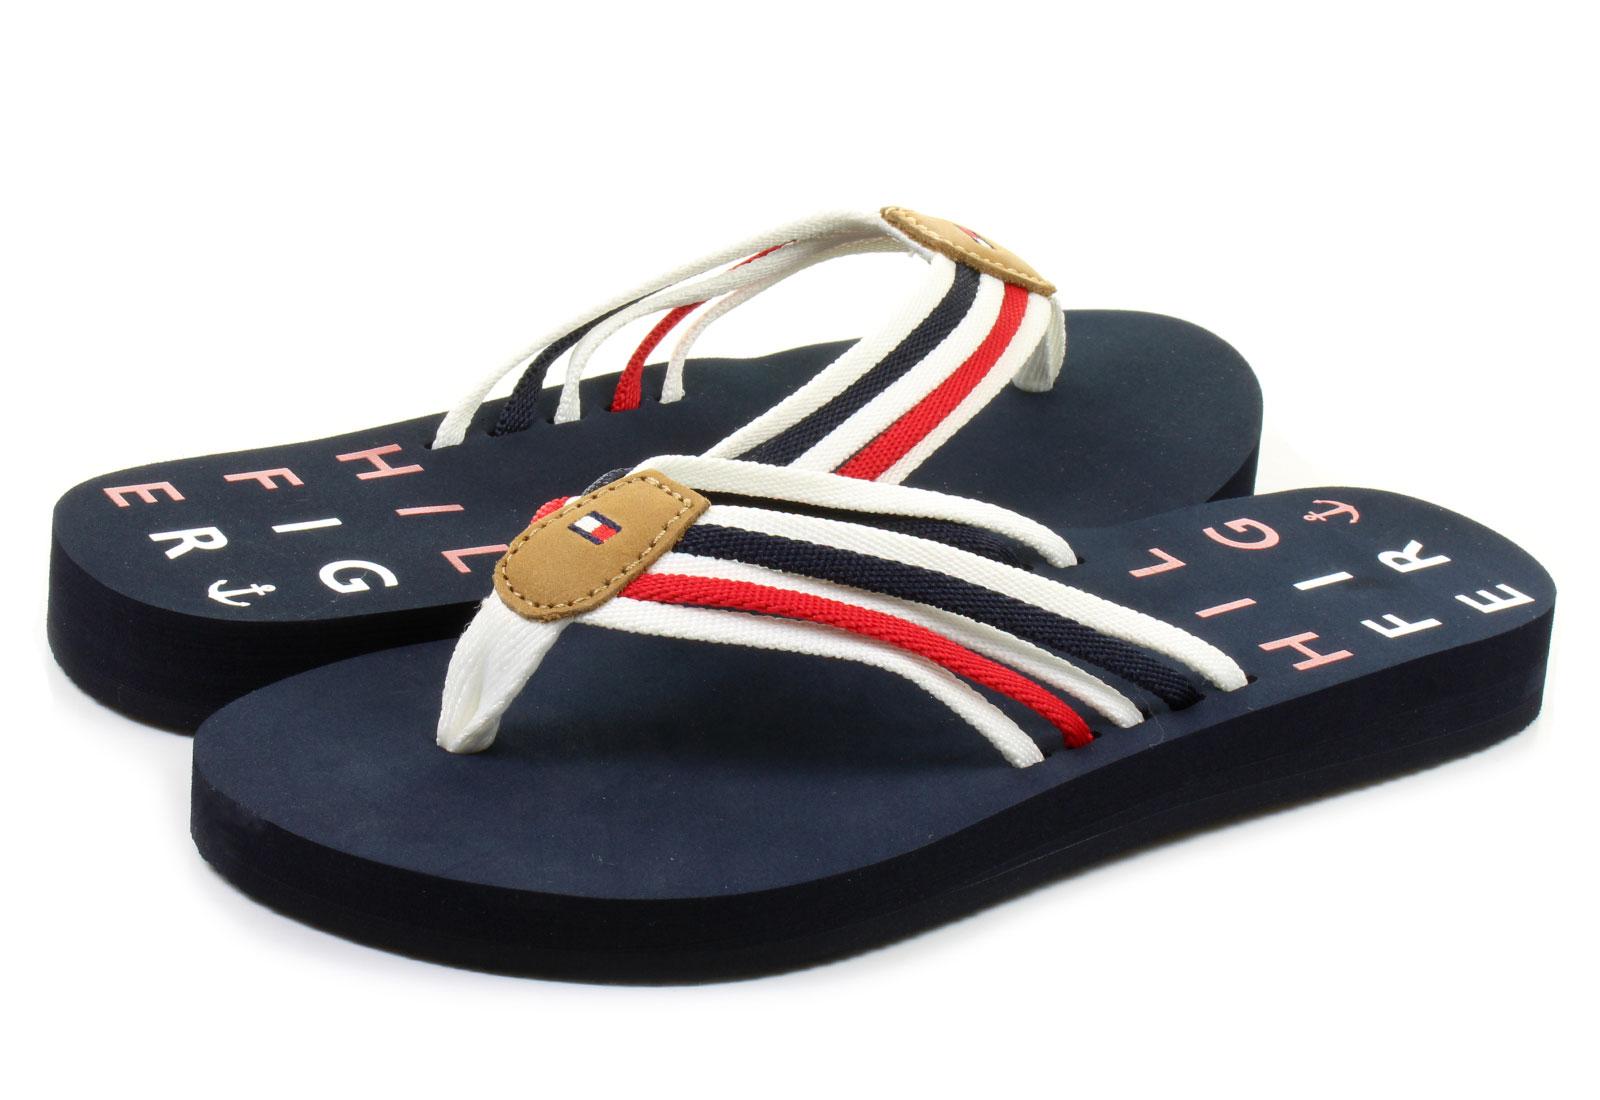 Tommy Hilfiger Papucs - Monica 47d - 16S-0728-403 - Office Shoes ... ce200e2a96